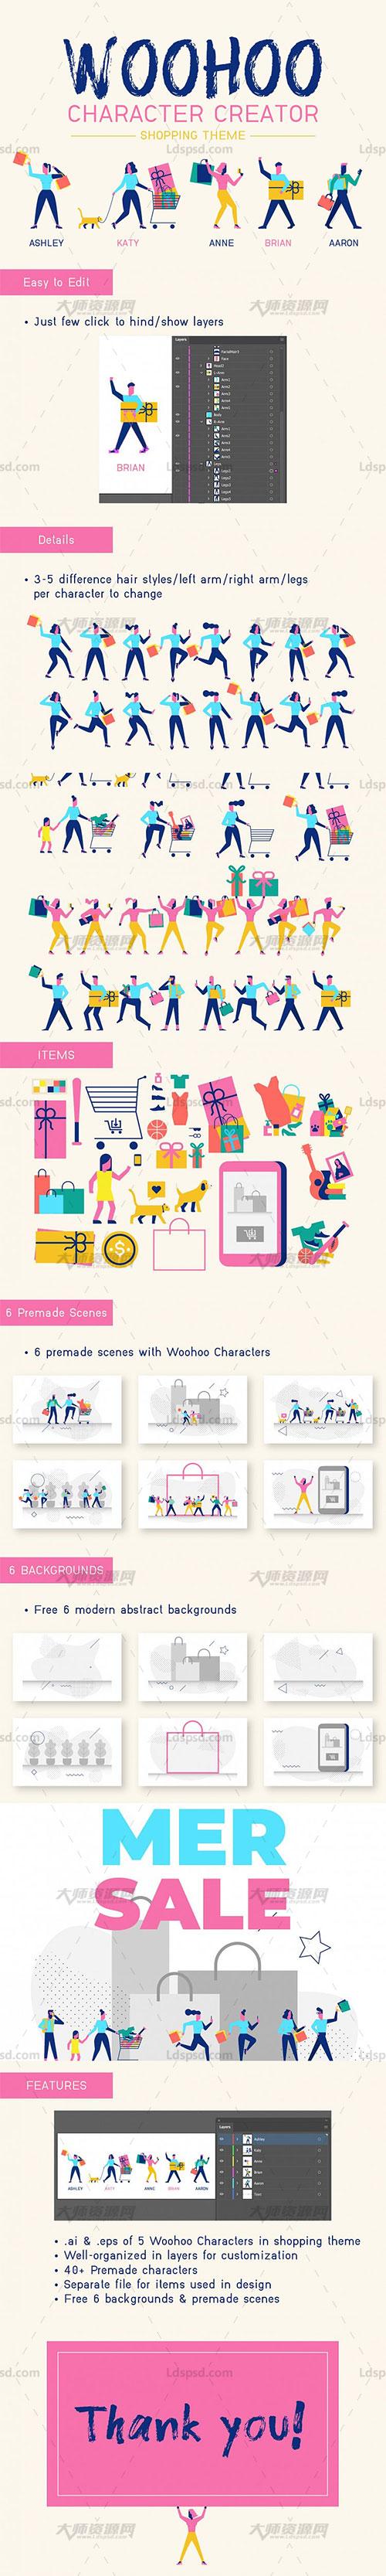 4套矢量的电商/商场/购物场所专用的角色素材(可自由组合):Woohoo Character Creator